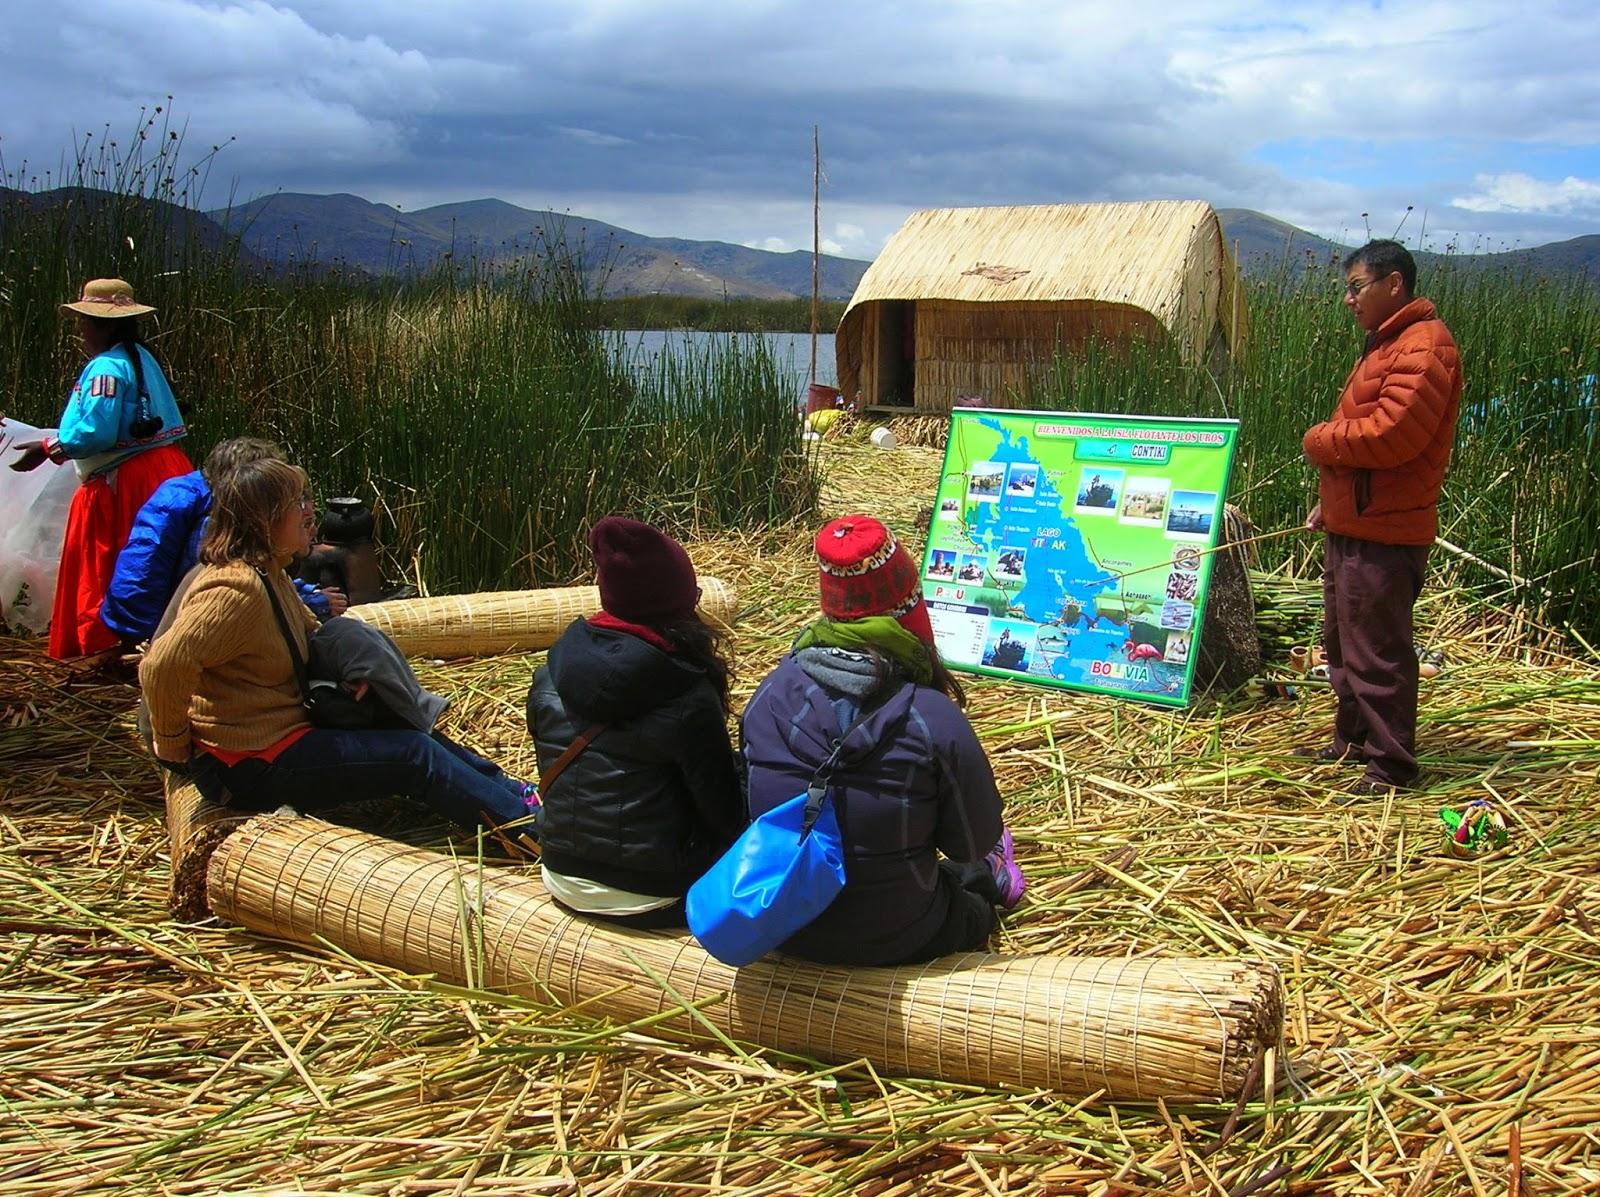 Visita a Isla de los Uros, Puno, Perú, La vuelta al mundo de Asun y Ricardo, round the world, mundoporlibre.com